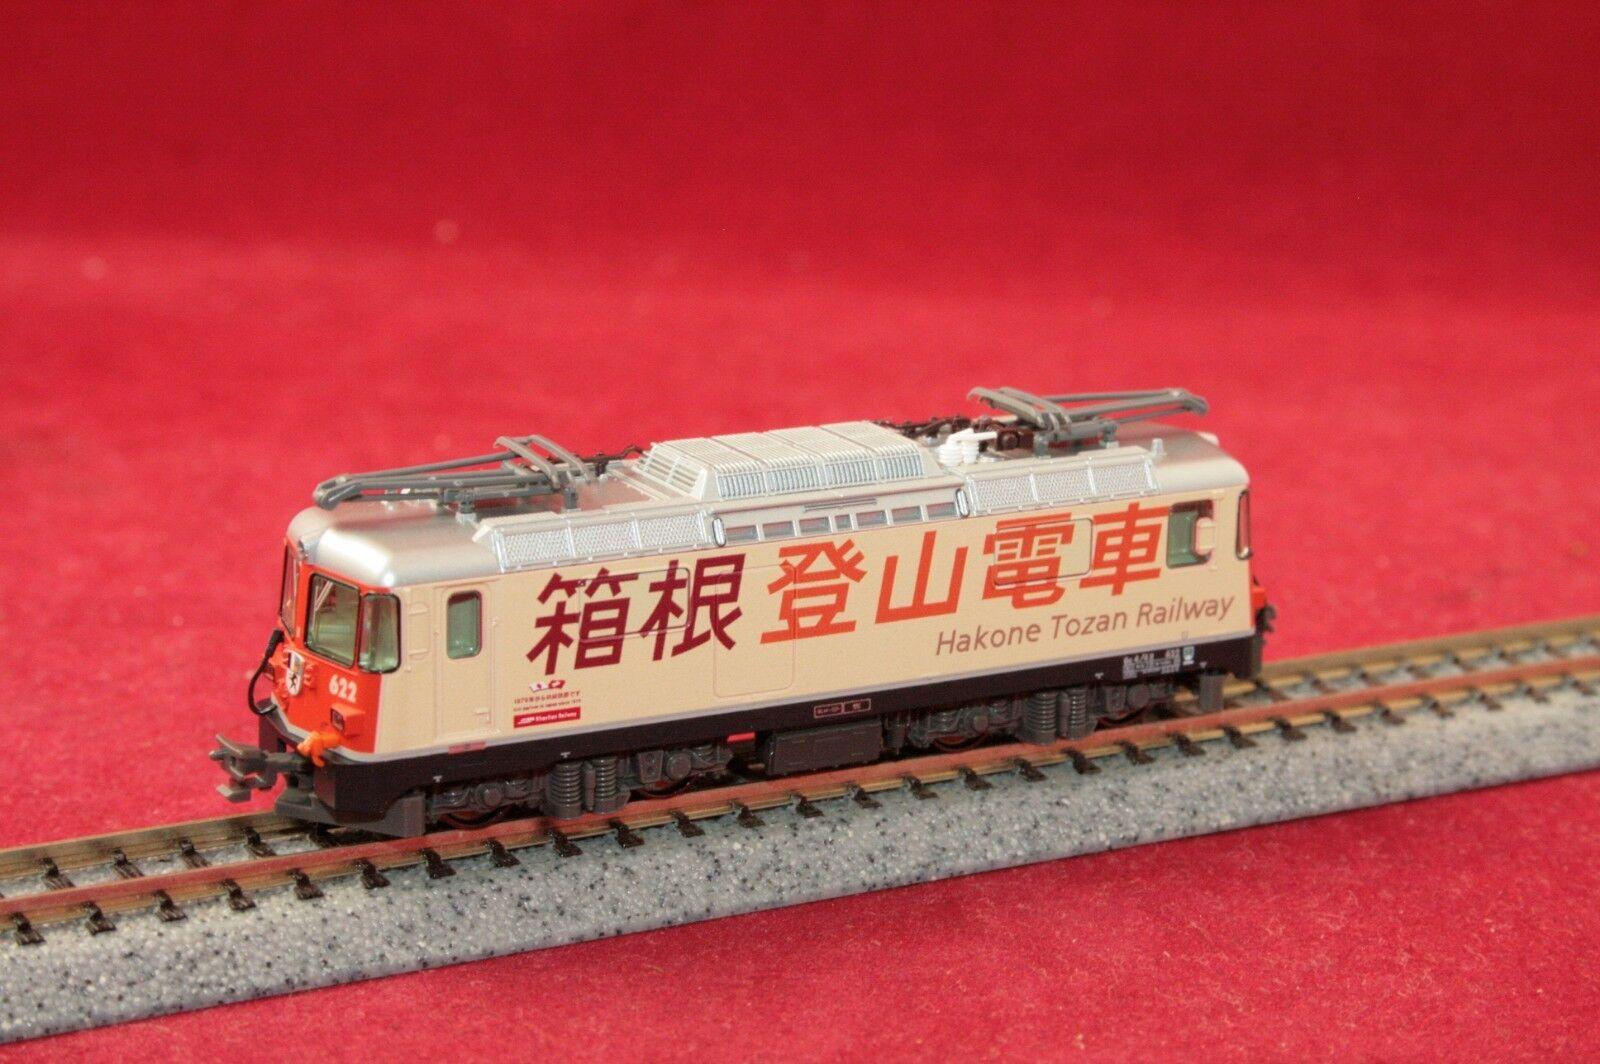 Kato 7074048-1 e-Lok ge 4 4 II  Hakone Tozan Railway  622 RHB luz cambio Nuevo